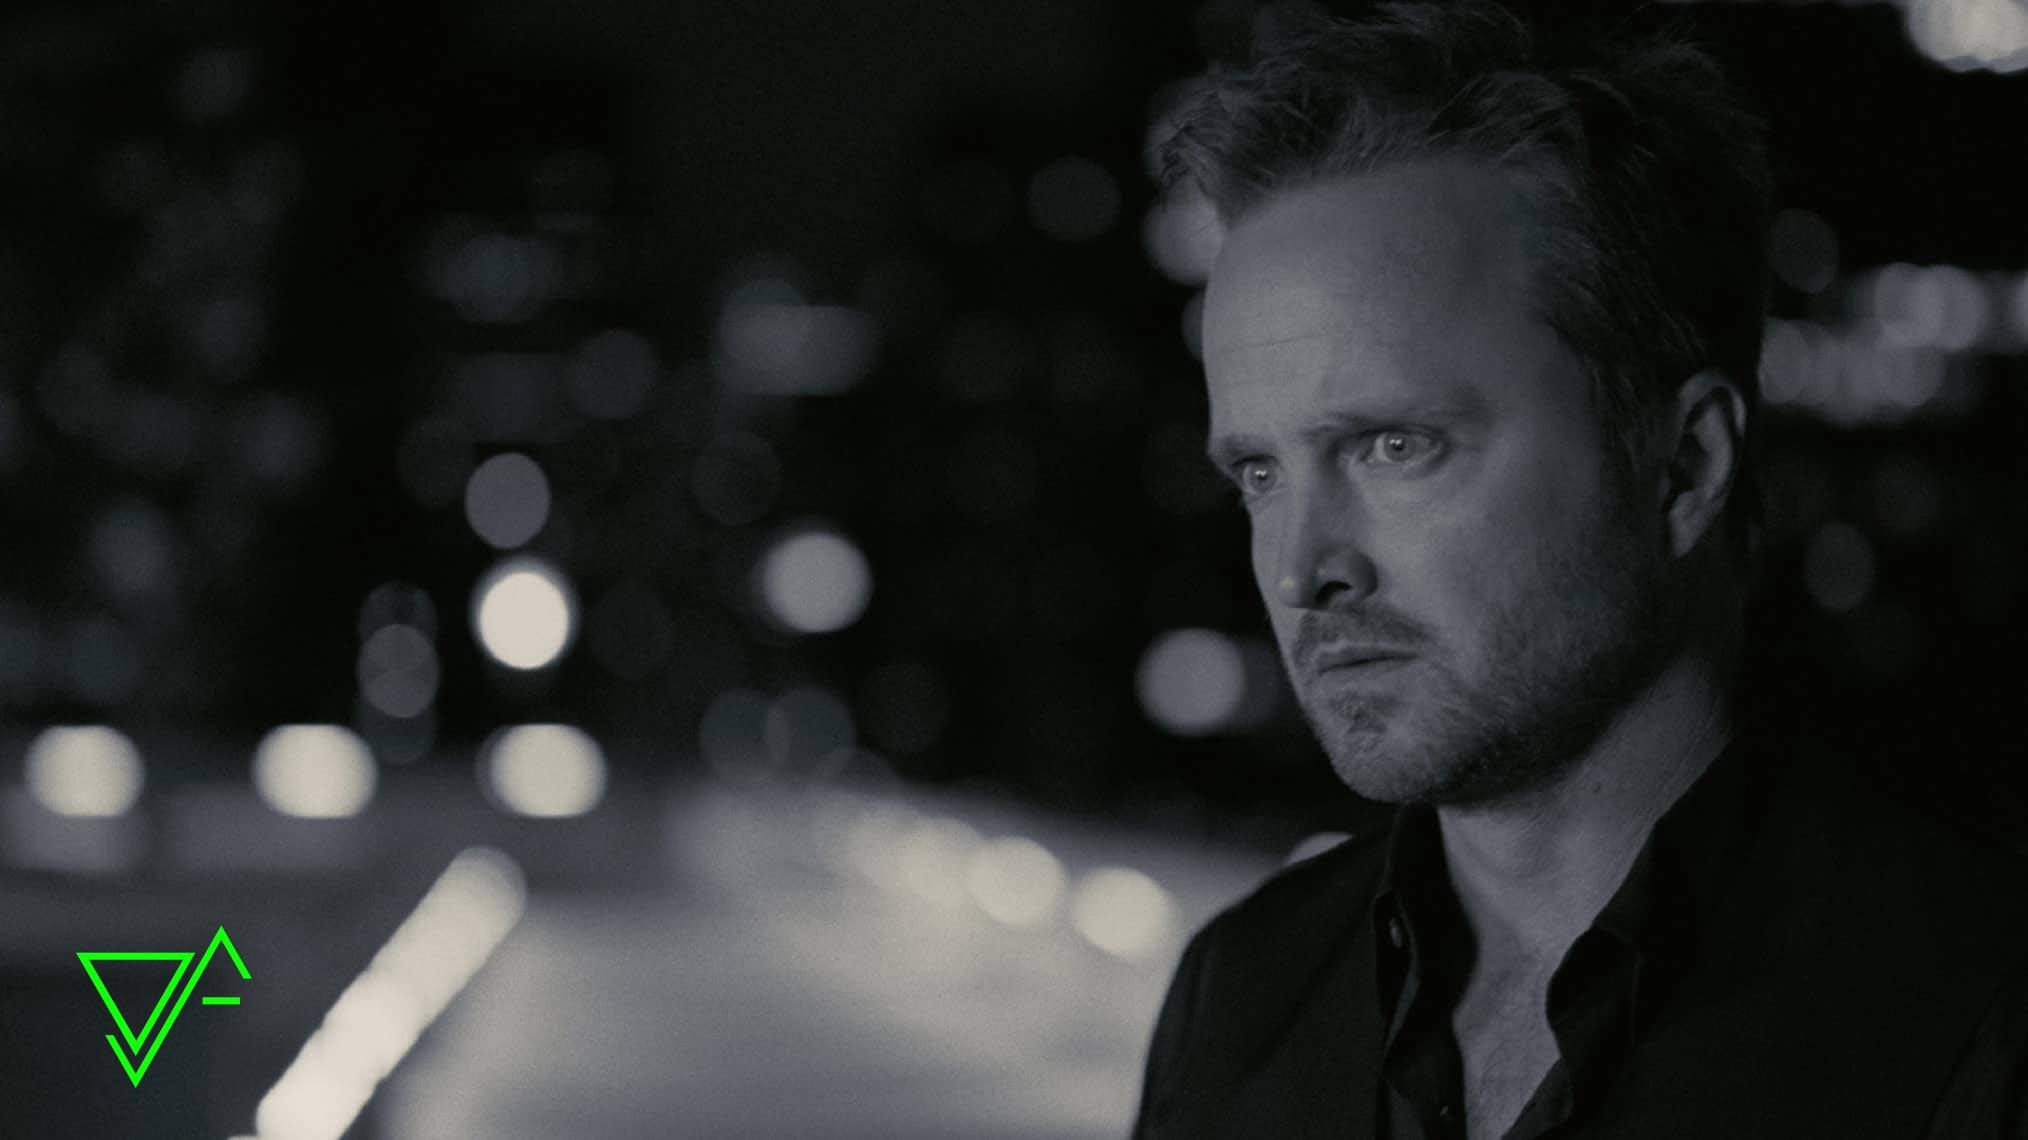 نقد و بررسی قسمت پنجم فصل سوم Westworld